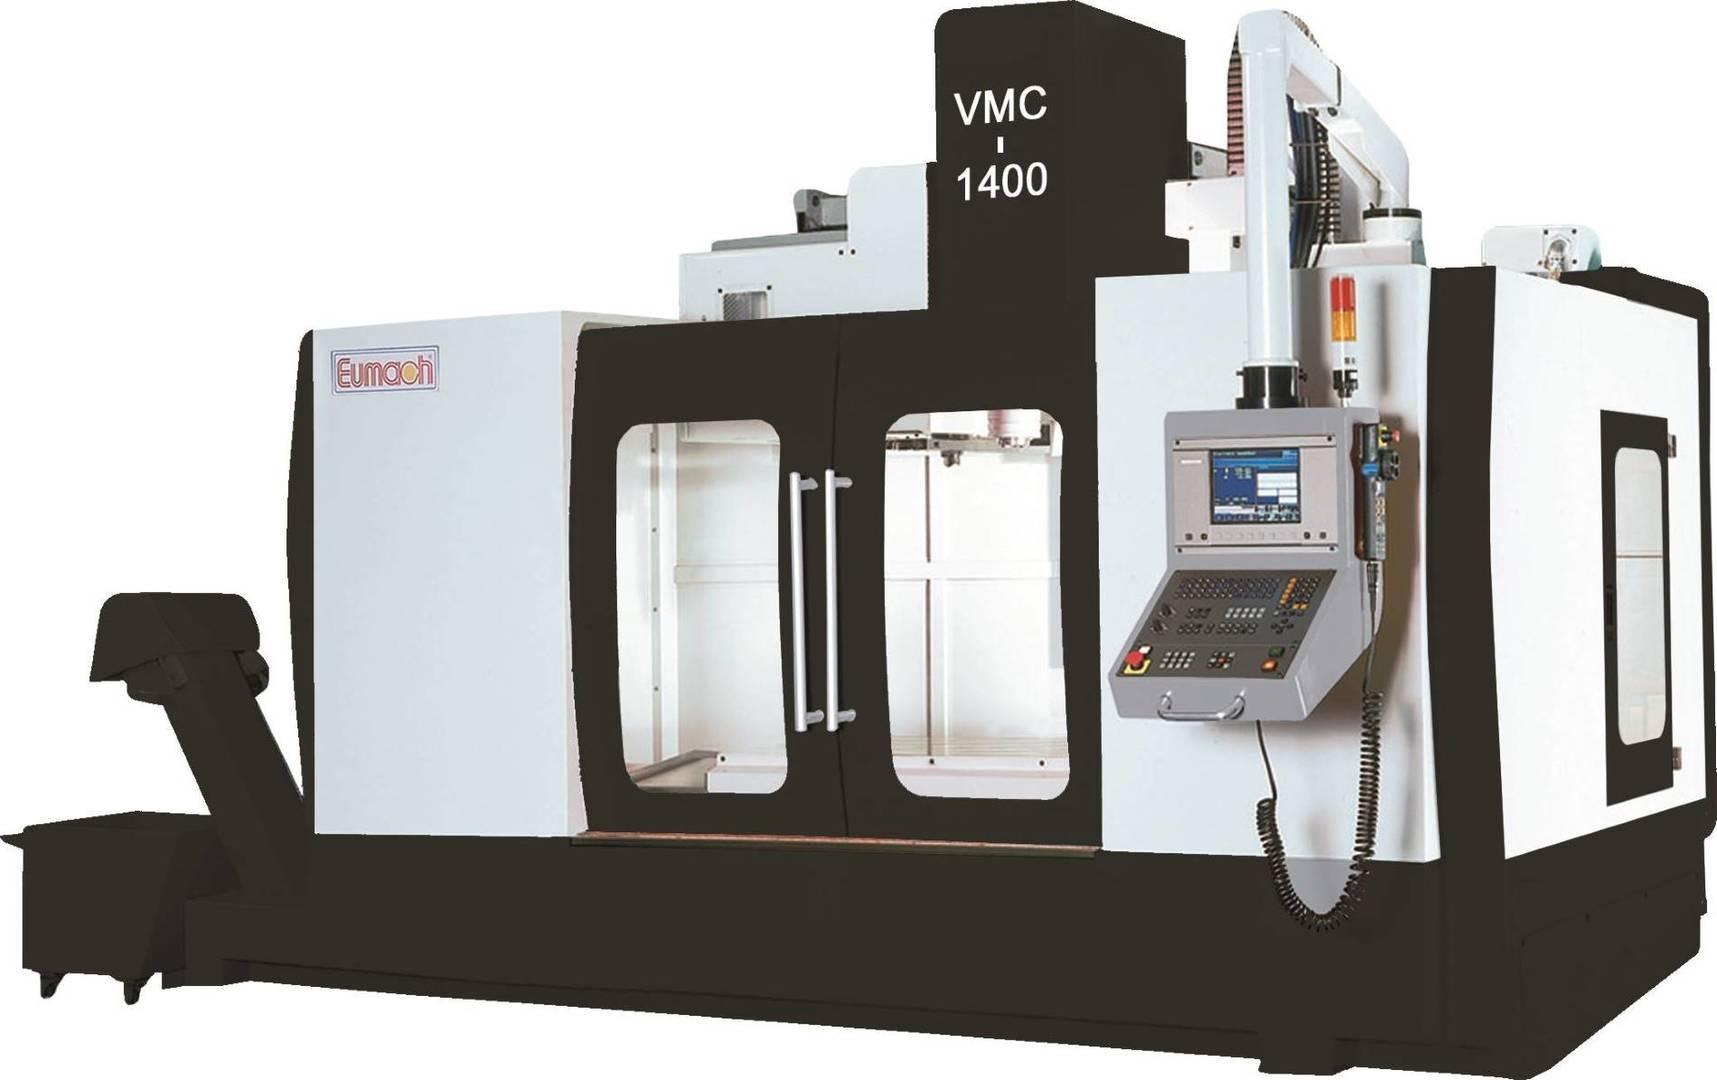 Вертикальный фрезерный обрабатывающий центр VMC-1400